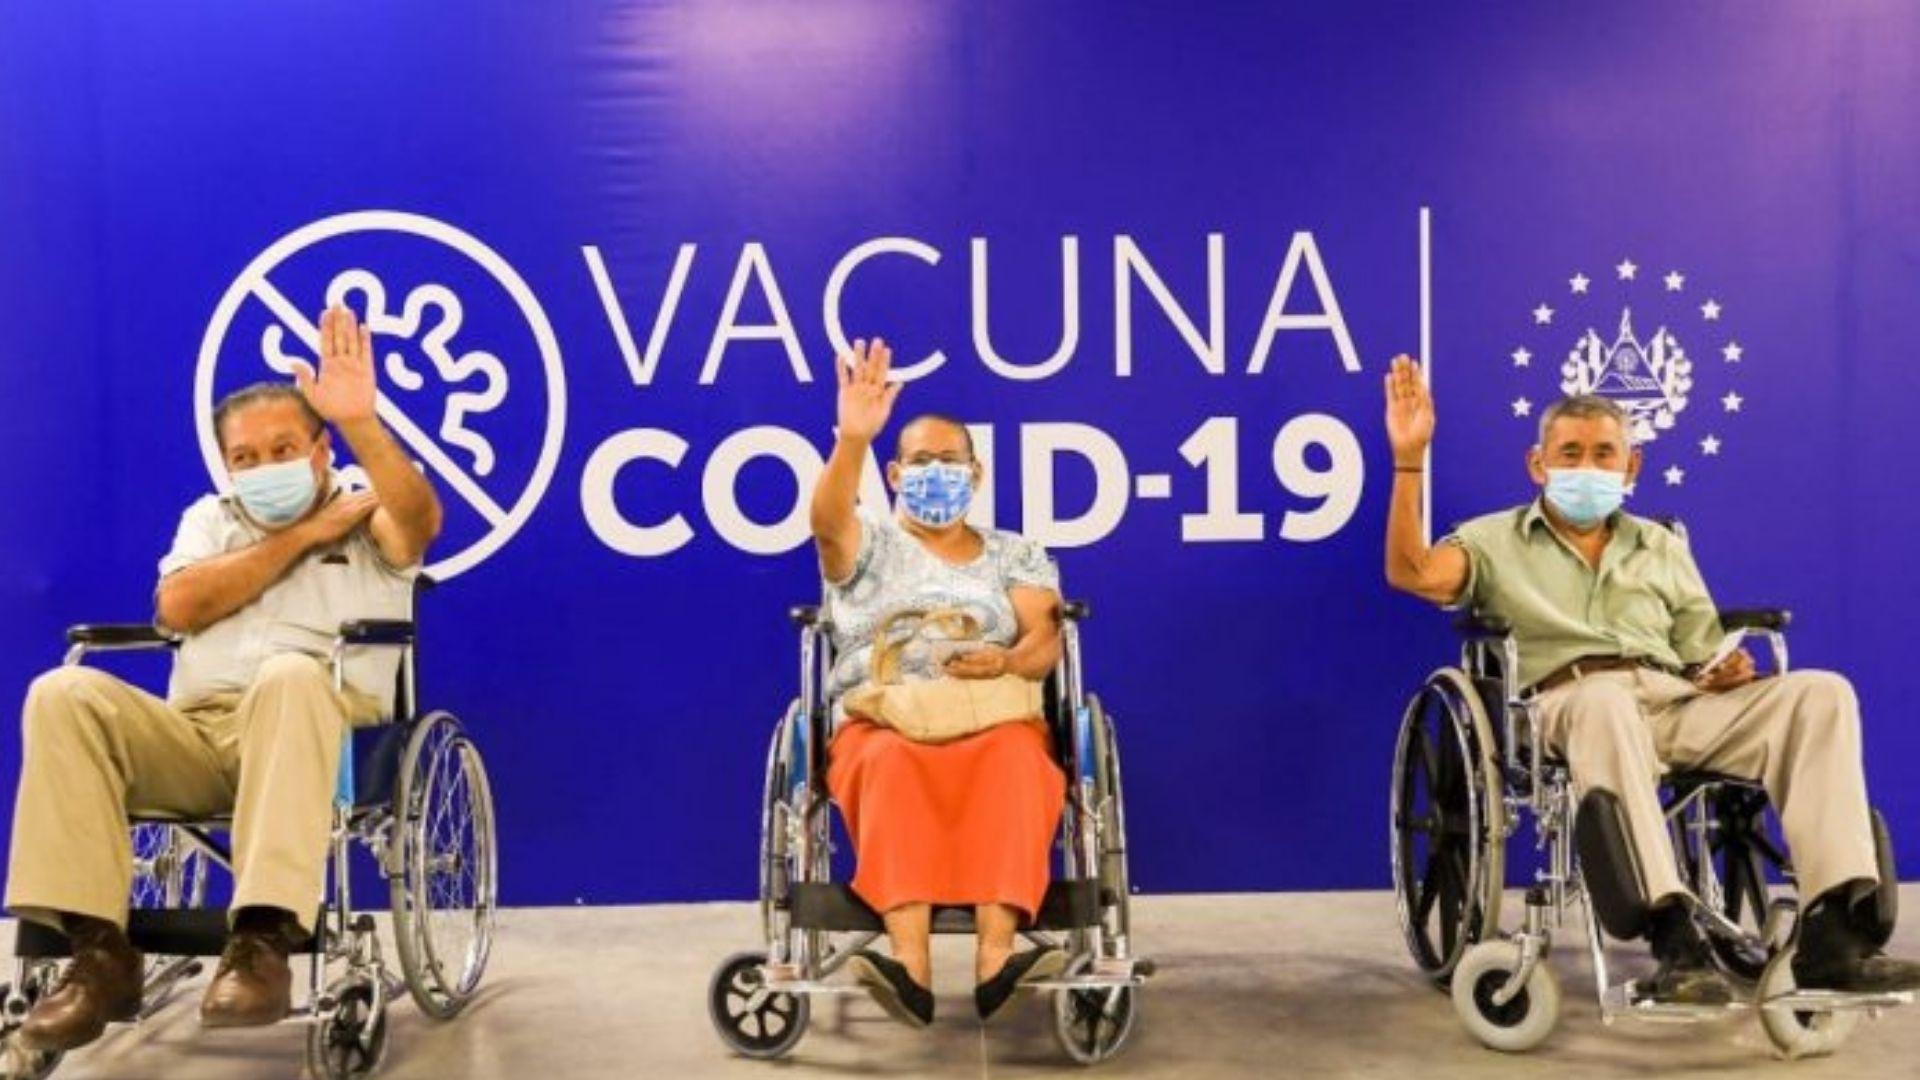 Por segundo día consecutivo, El Salvador bate récord de vacunación anti-COVID-19